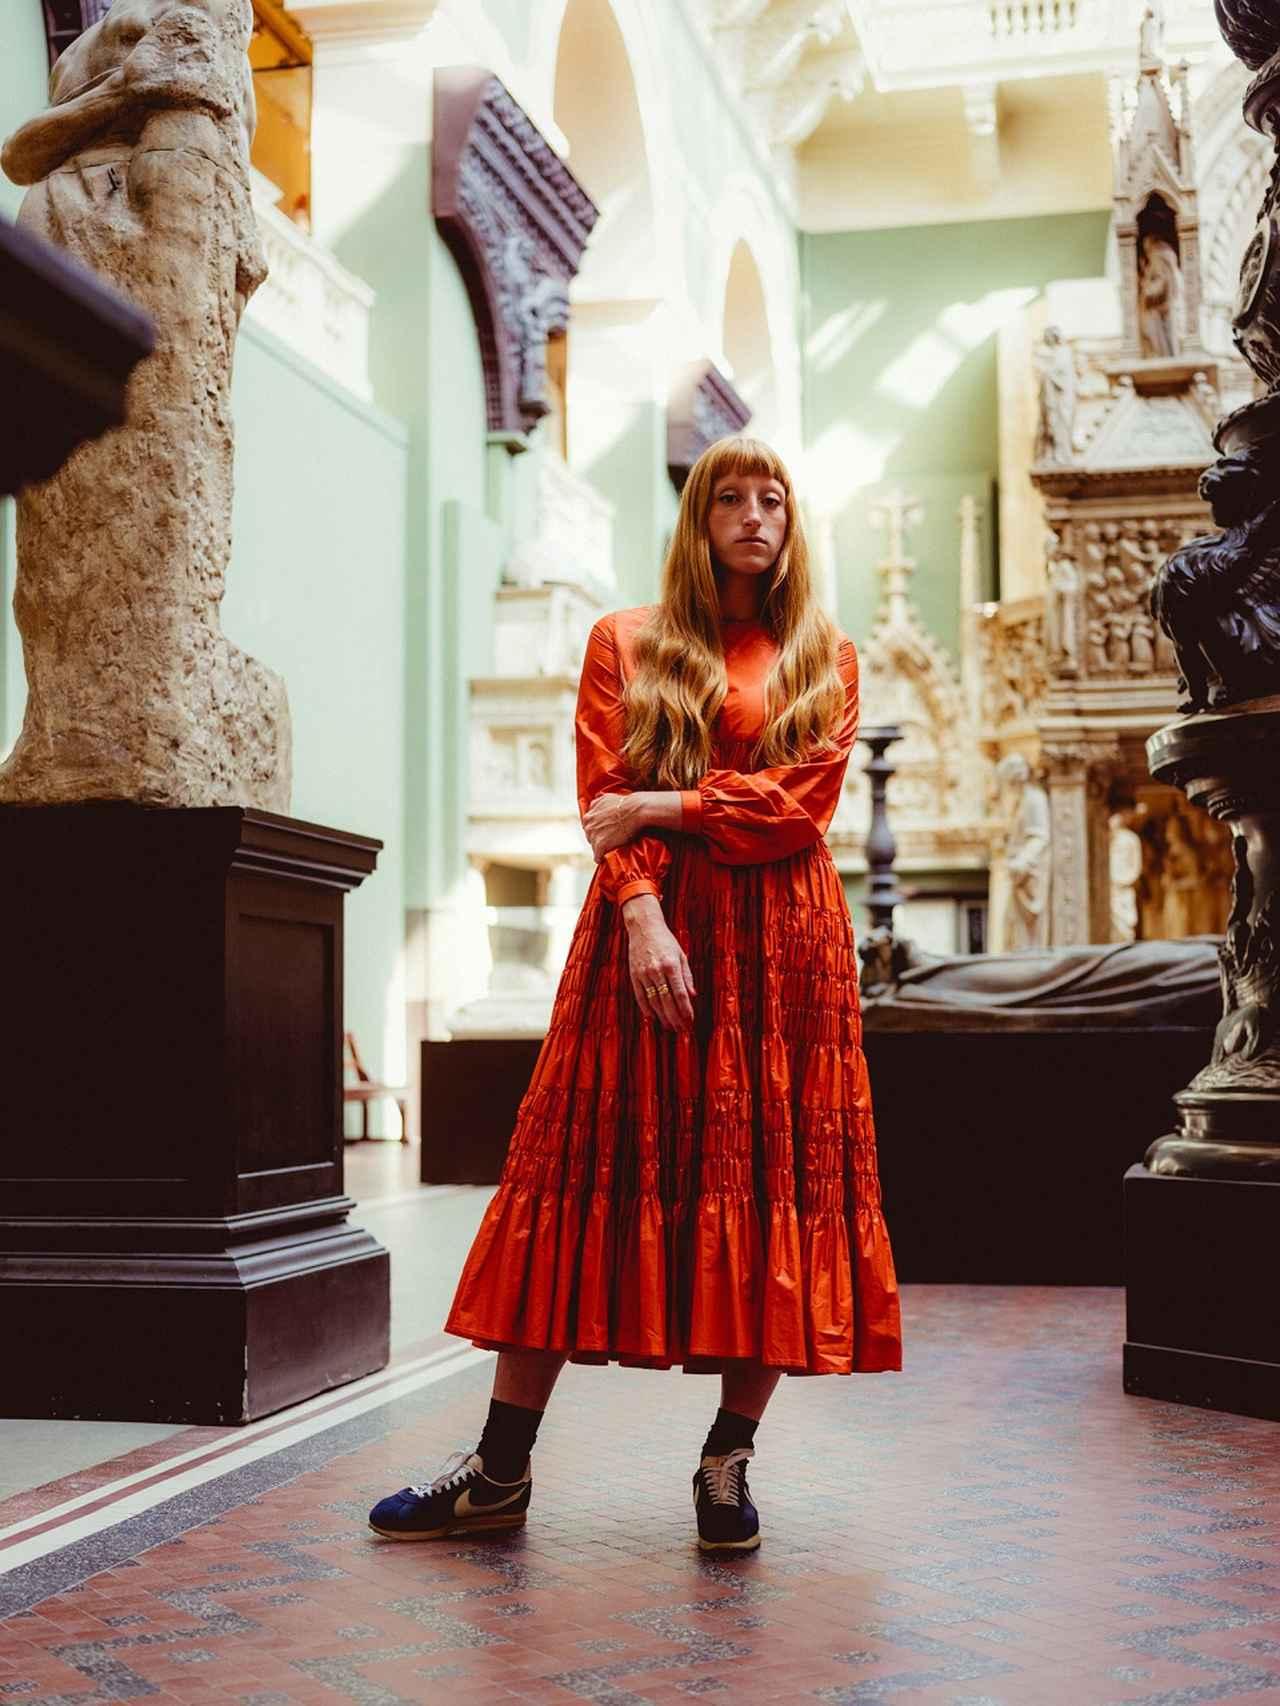 Images : 2番目の画像 - 「期待の若手デザイナー、 モリー・ゴダードの凱旋」のアルバム - T JAPAN:The New York Times Style Magazine 公式サイト